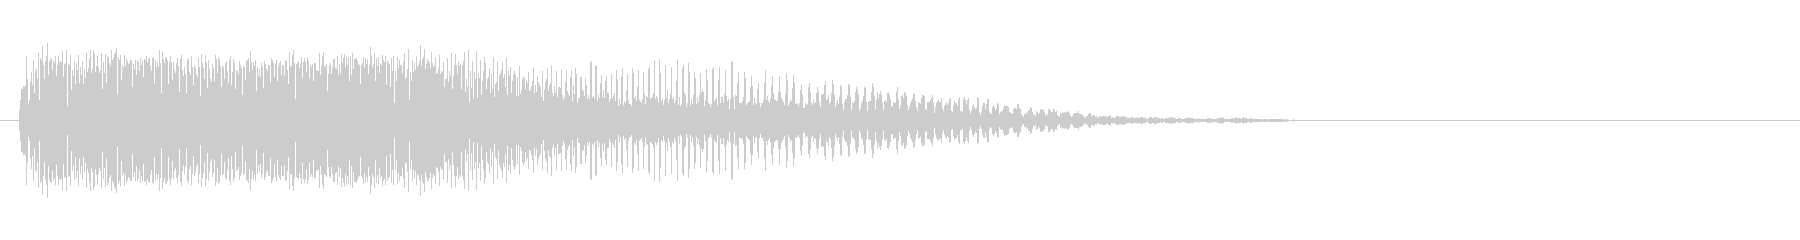 「ピーッ〜!」警笛による鳥の鳴き声の擬音の未再生の波形